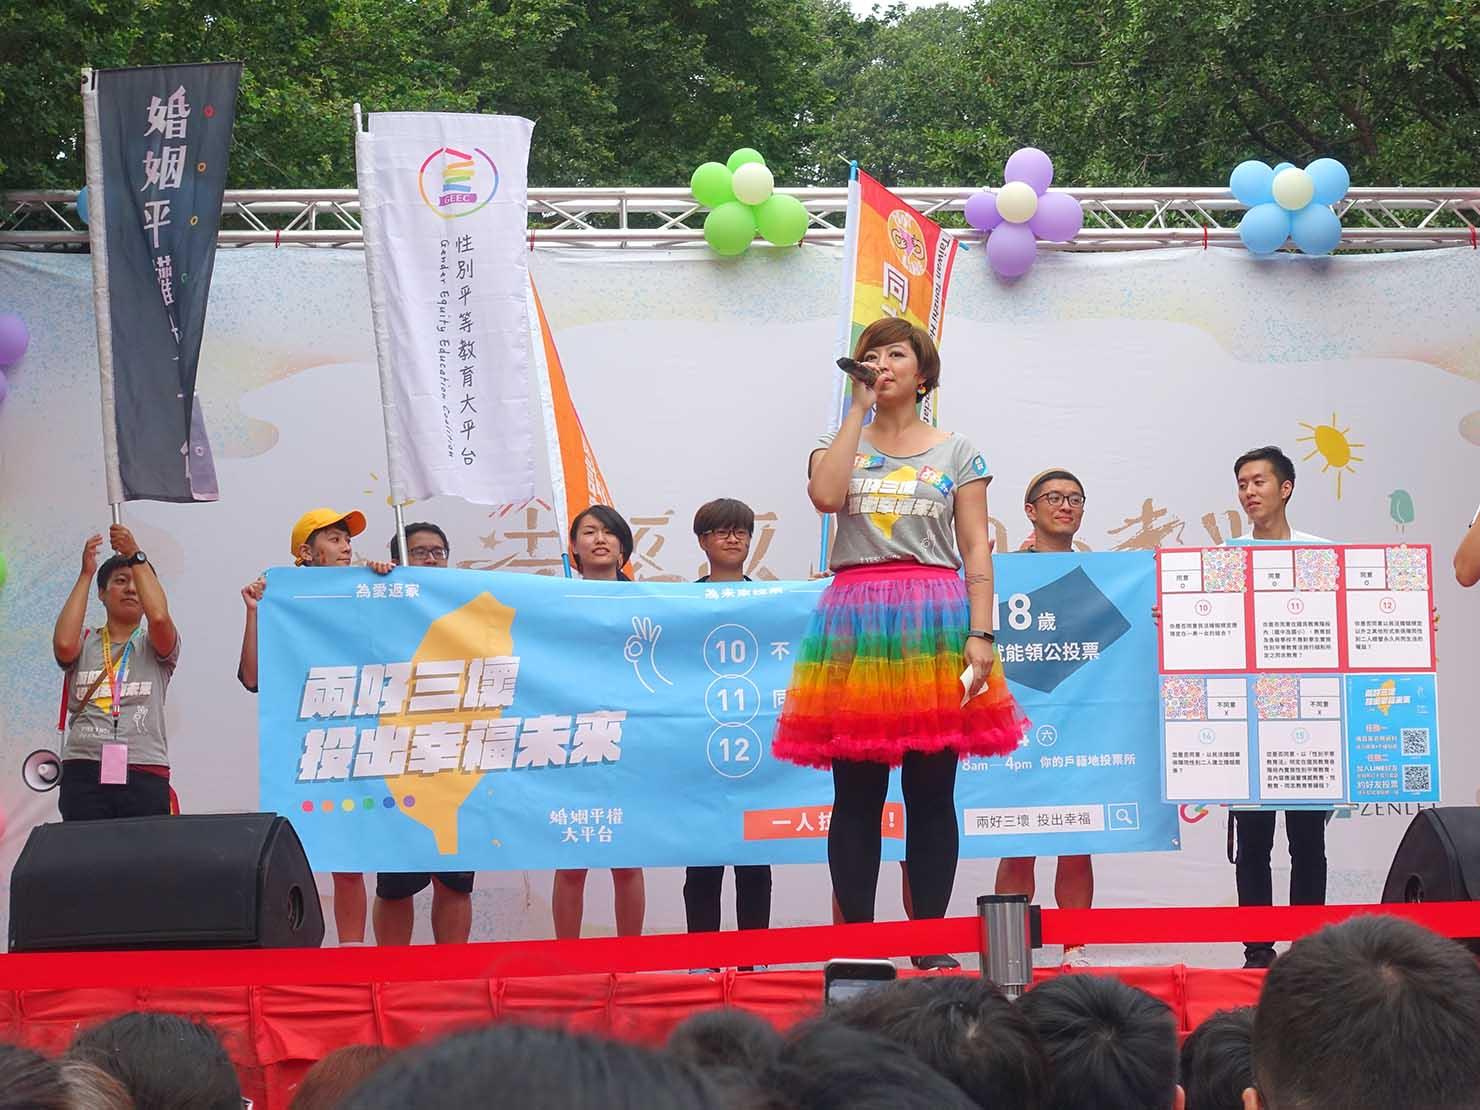 台中同志遊行(台中LGBTプライド)2018のステージでスピーチをするLGBT団体